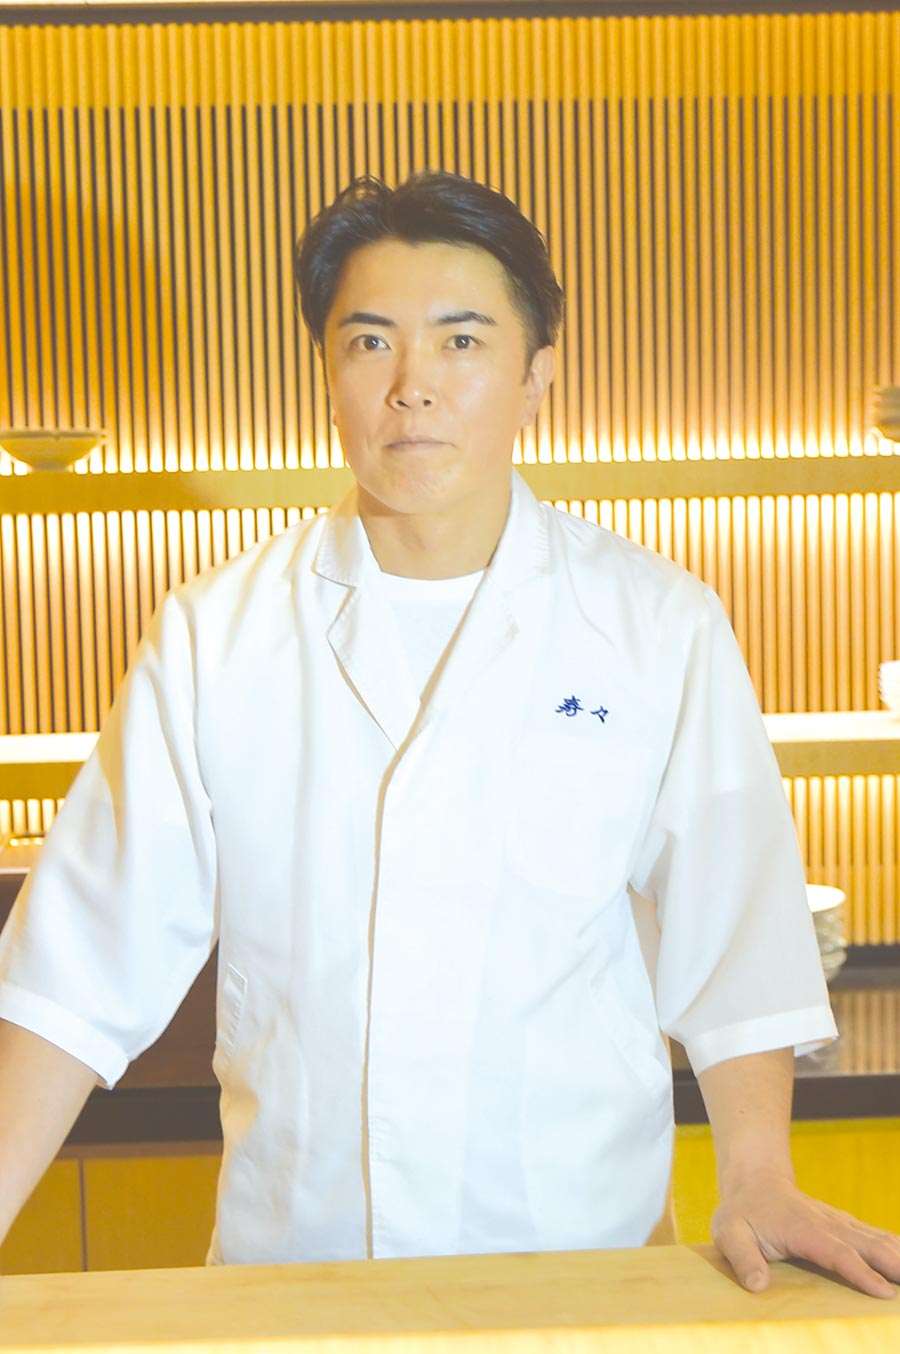 東京〈壽司處.壽壽〉的主人兼料理長藤居陽一郎,曾在日本壽司名店〈久兵衛〉歷練,2005年創業自立門戶。圖/姚舜